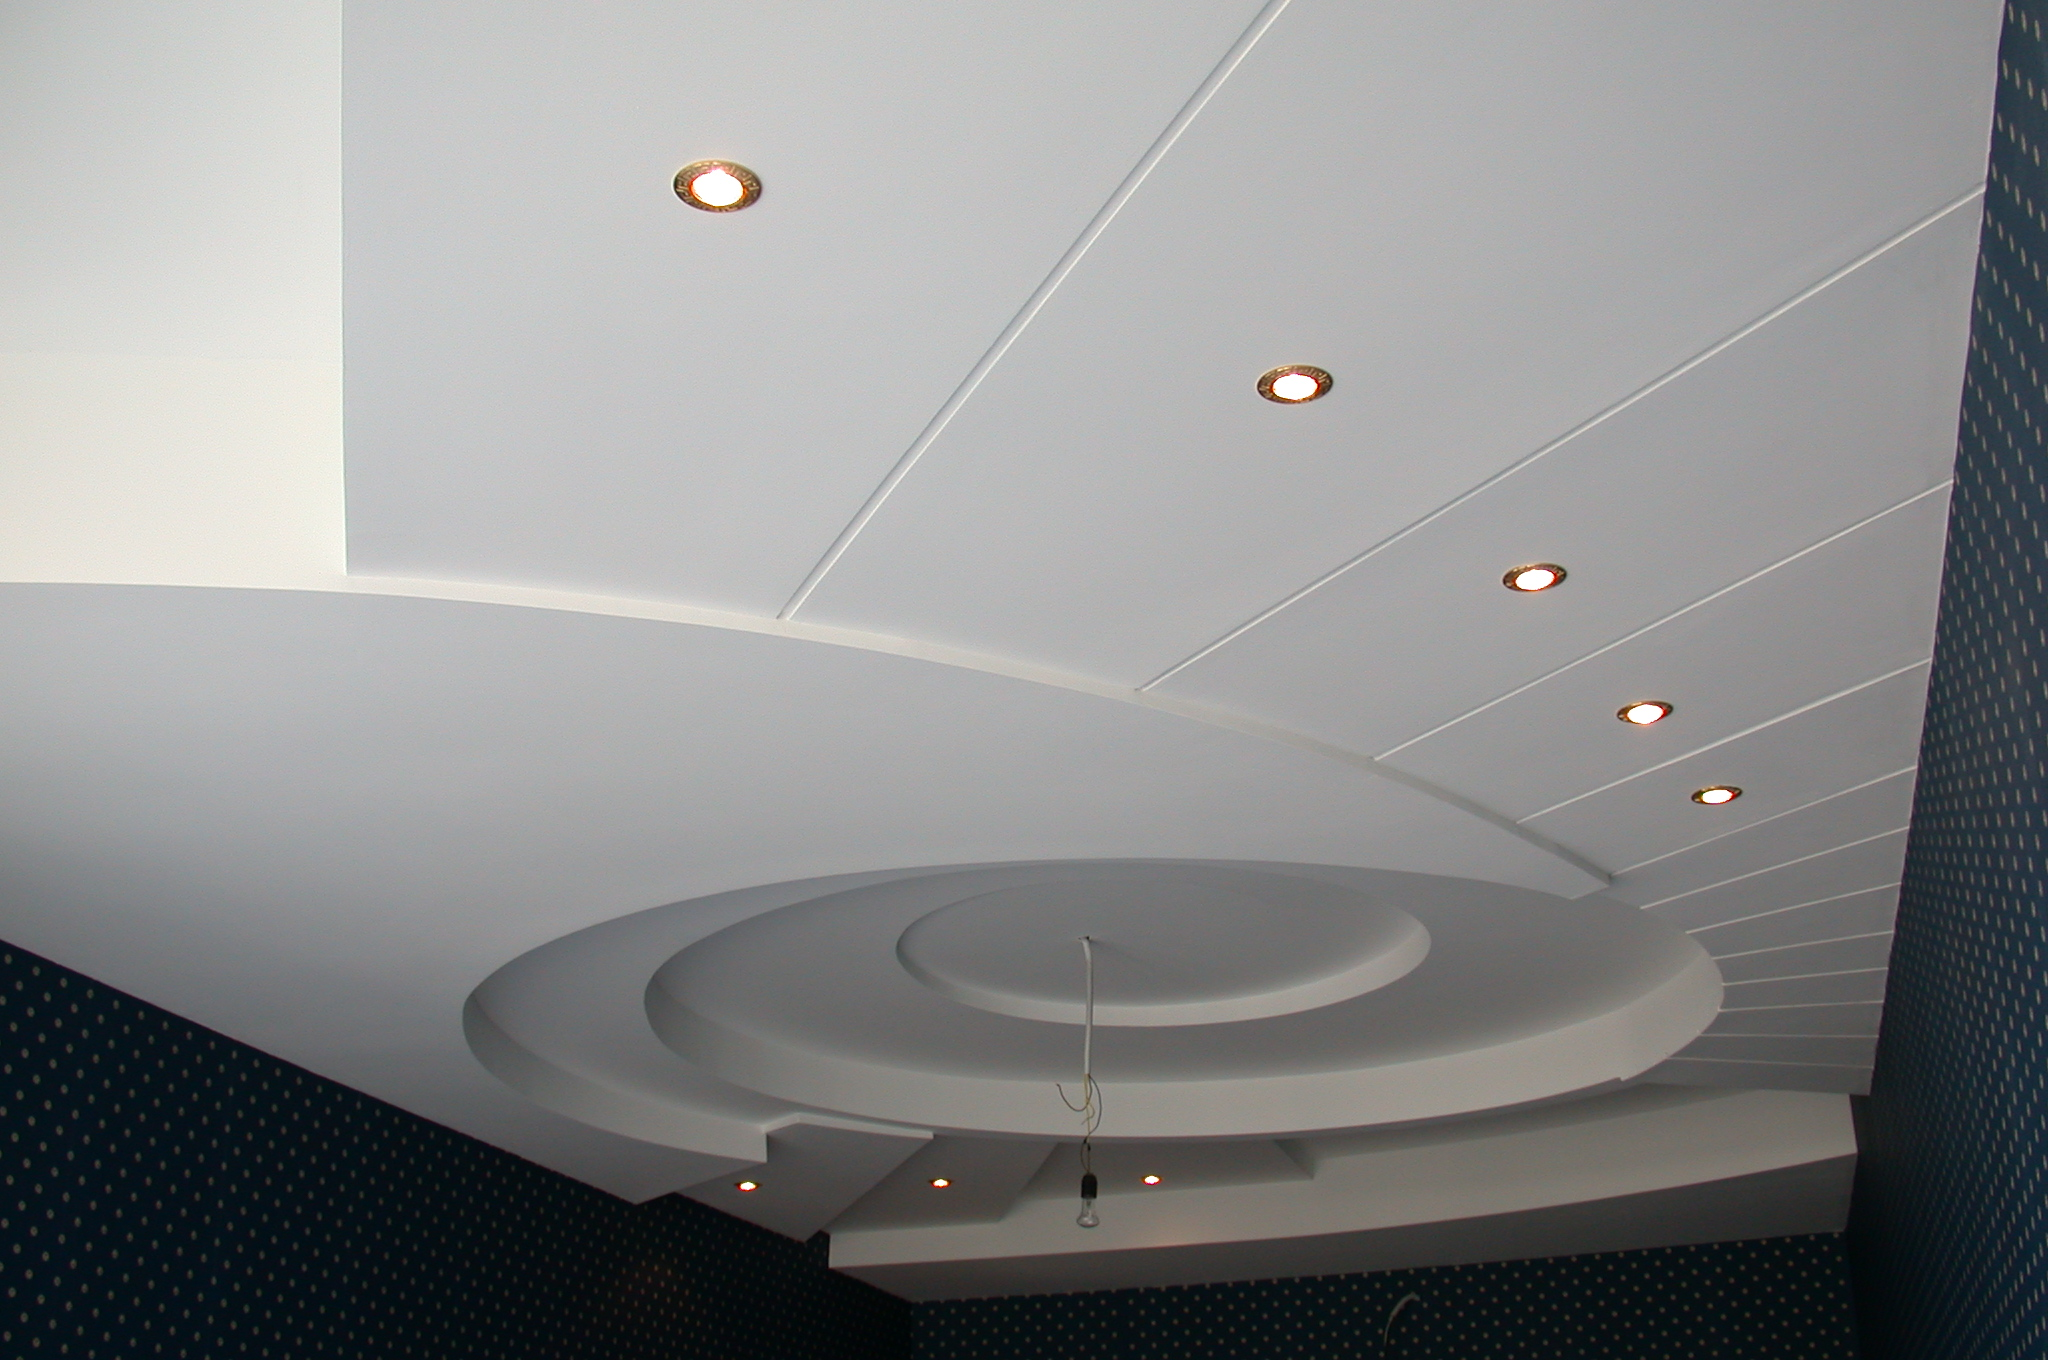 Из пластиковых панелей можно смастерить сложный потолок